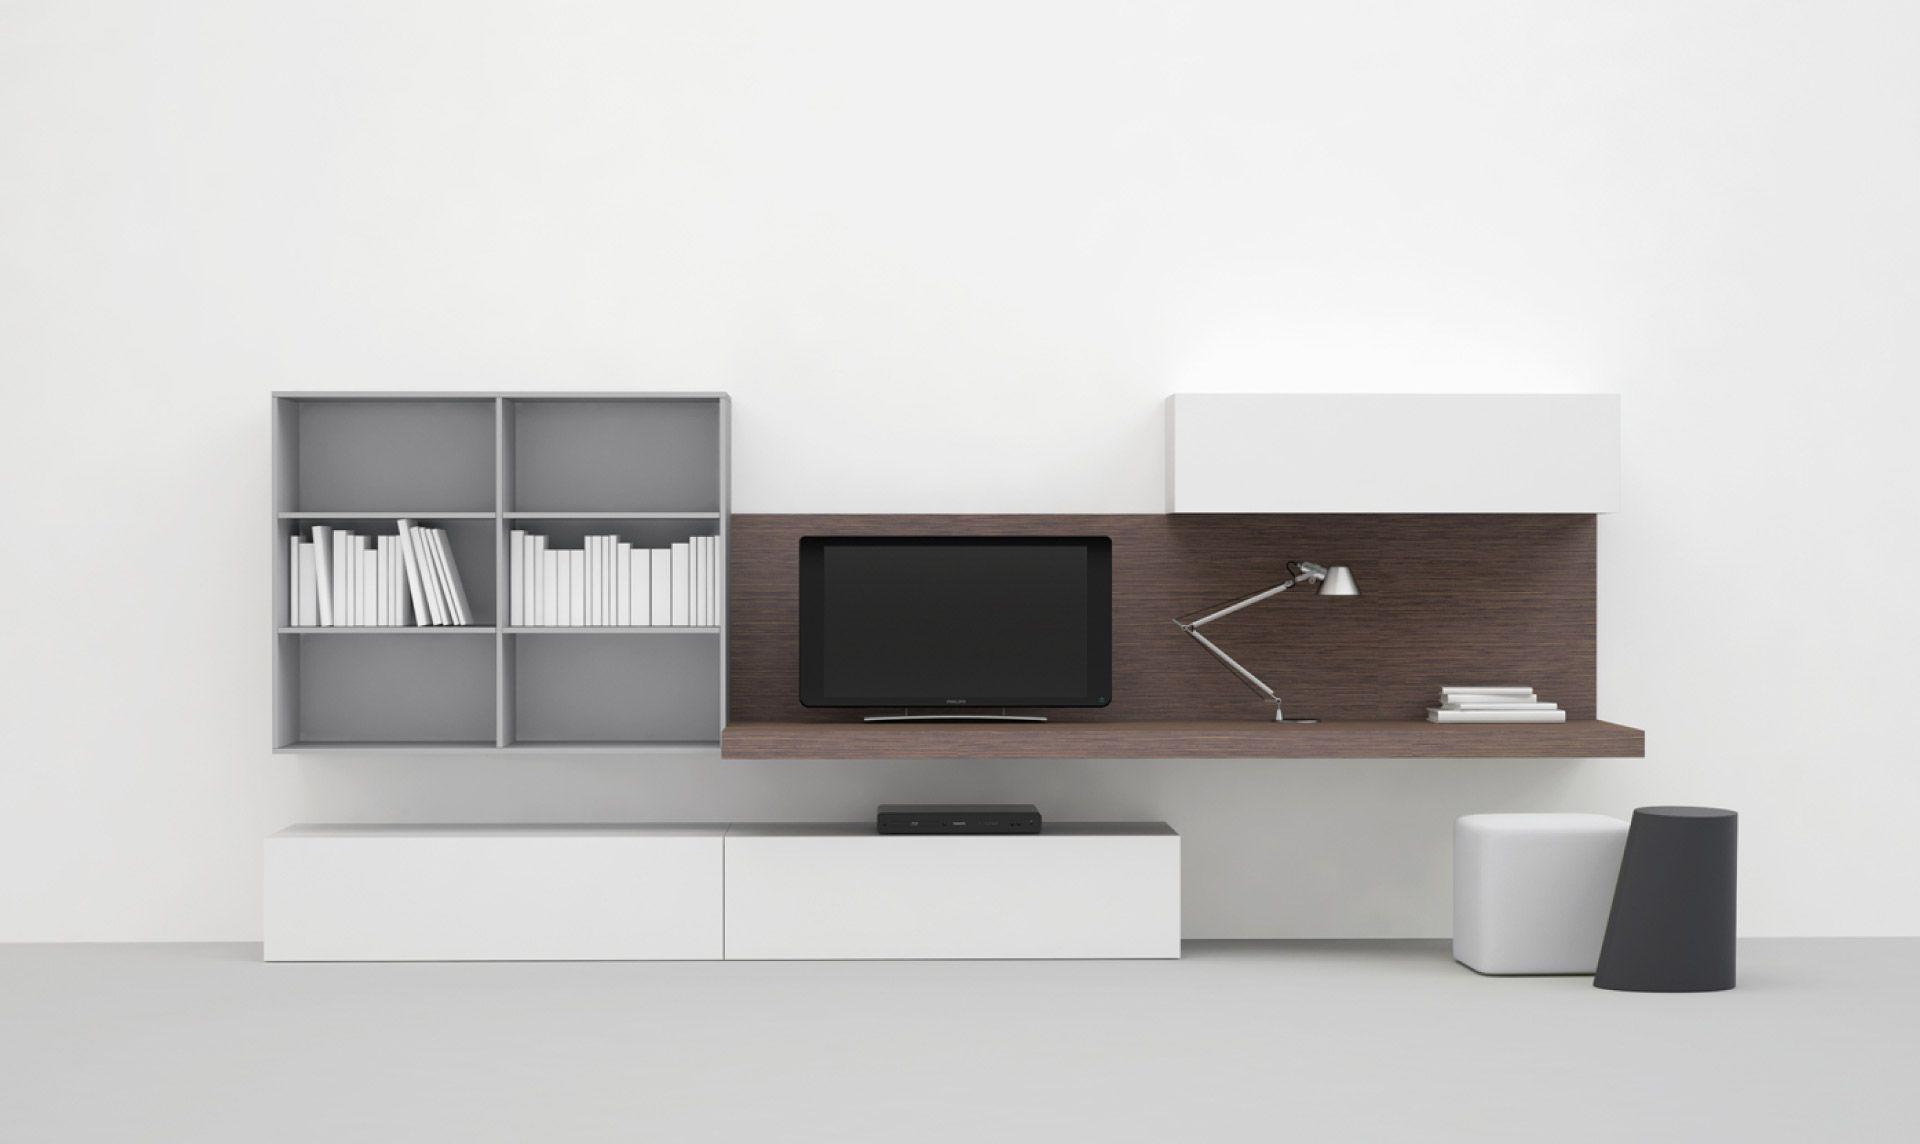 Jesse spa mobili arredamento design prodotti open for Mobili spa